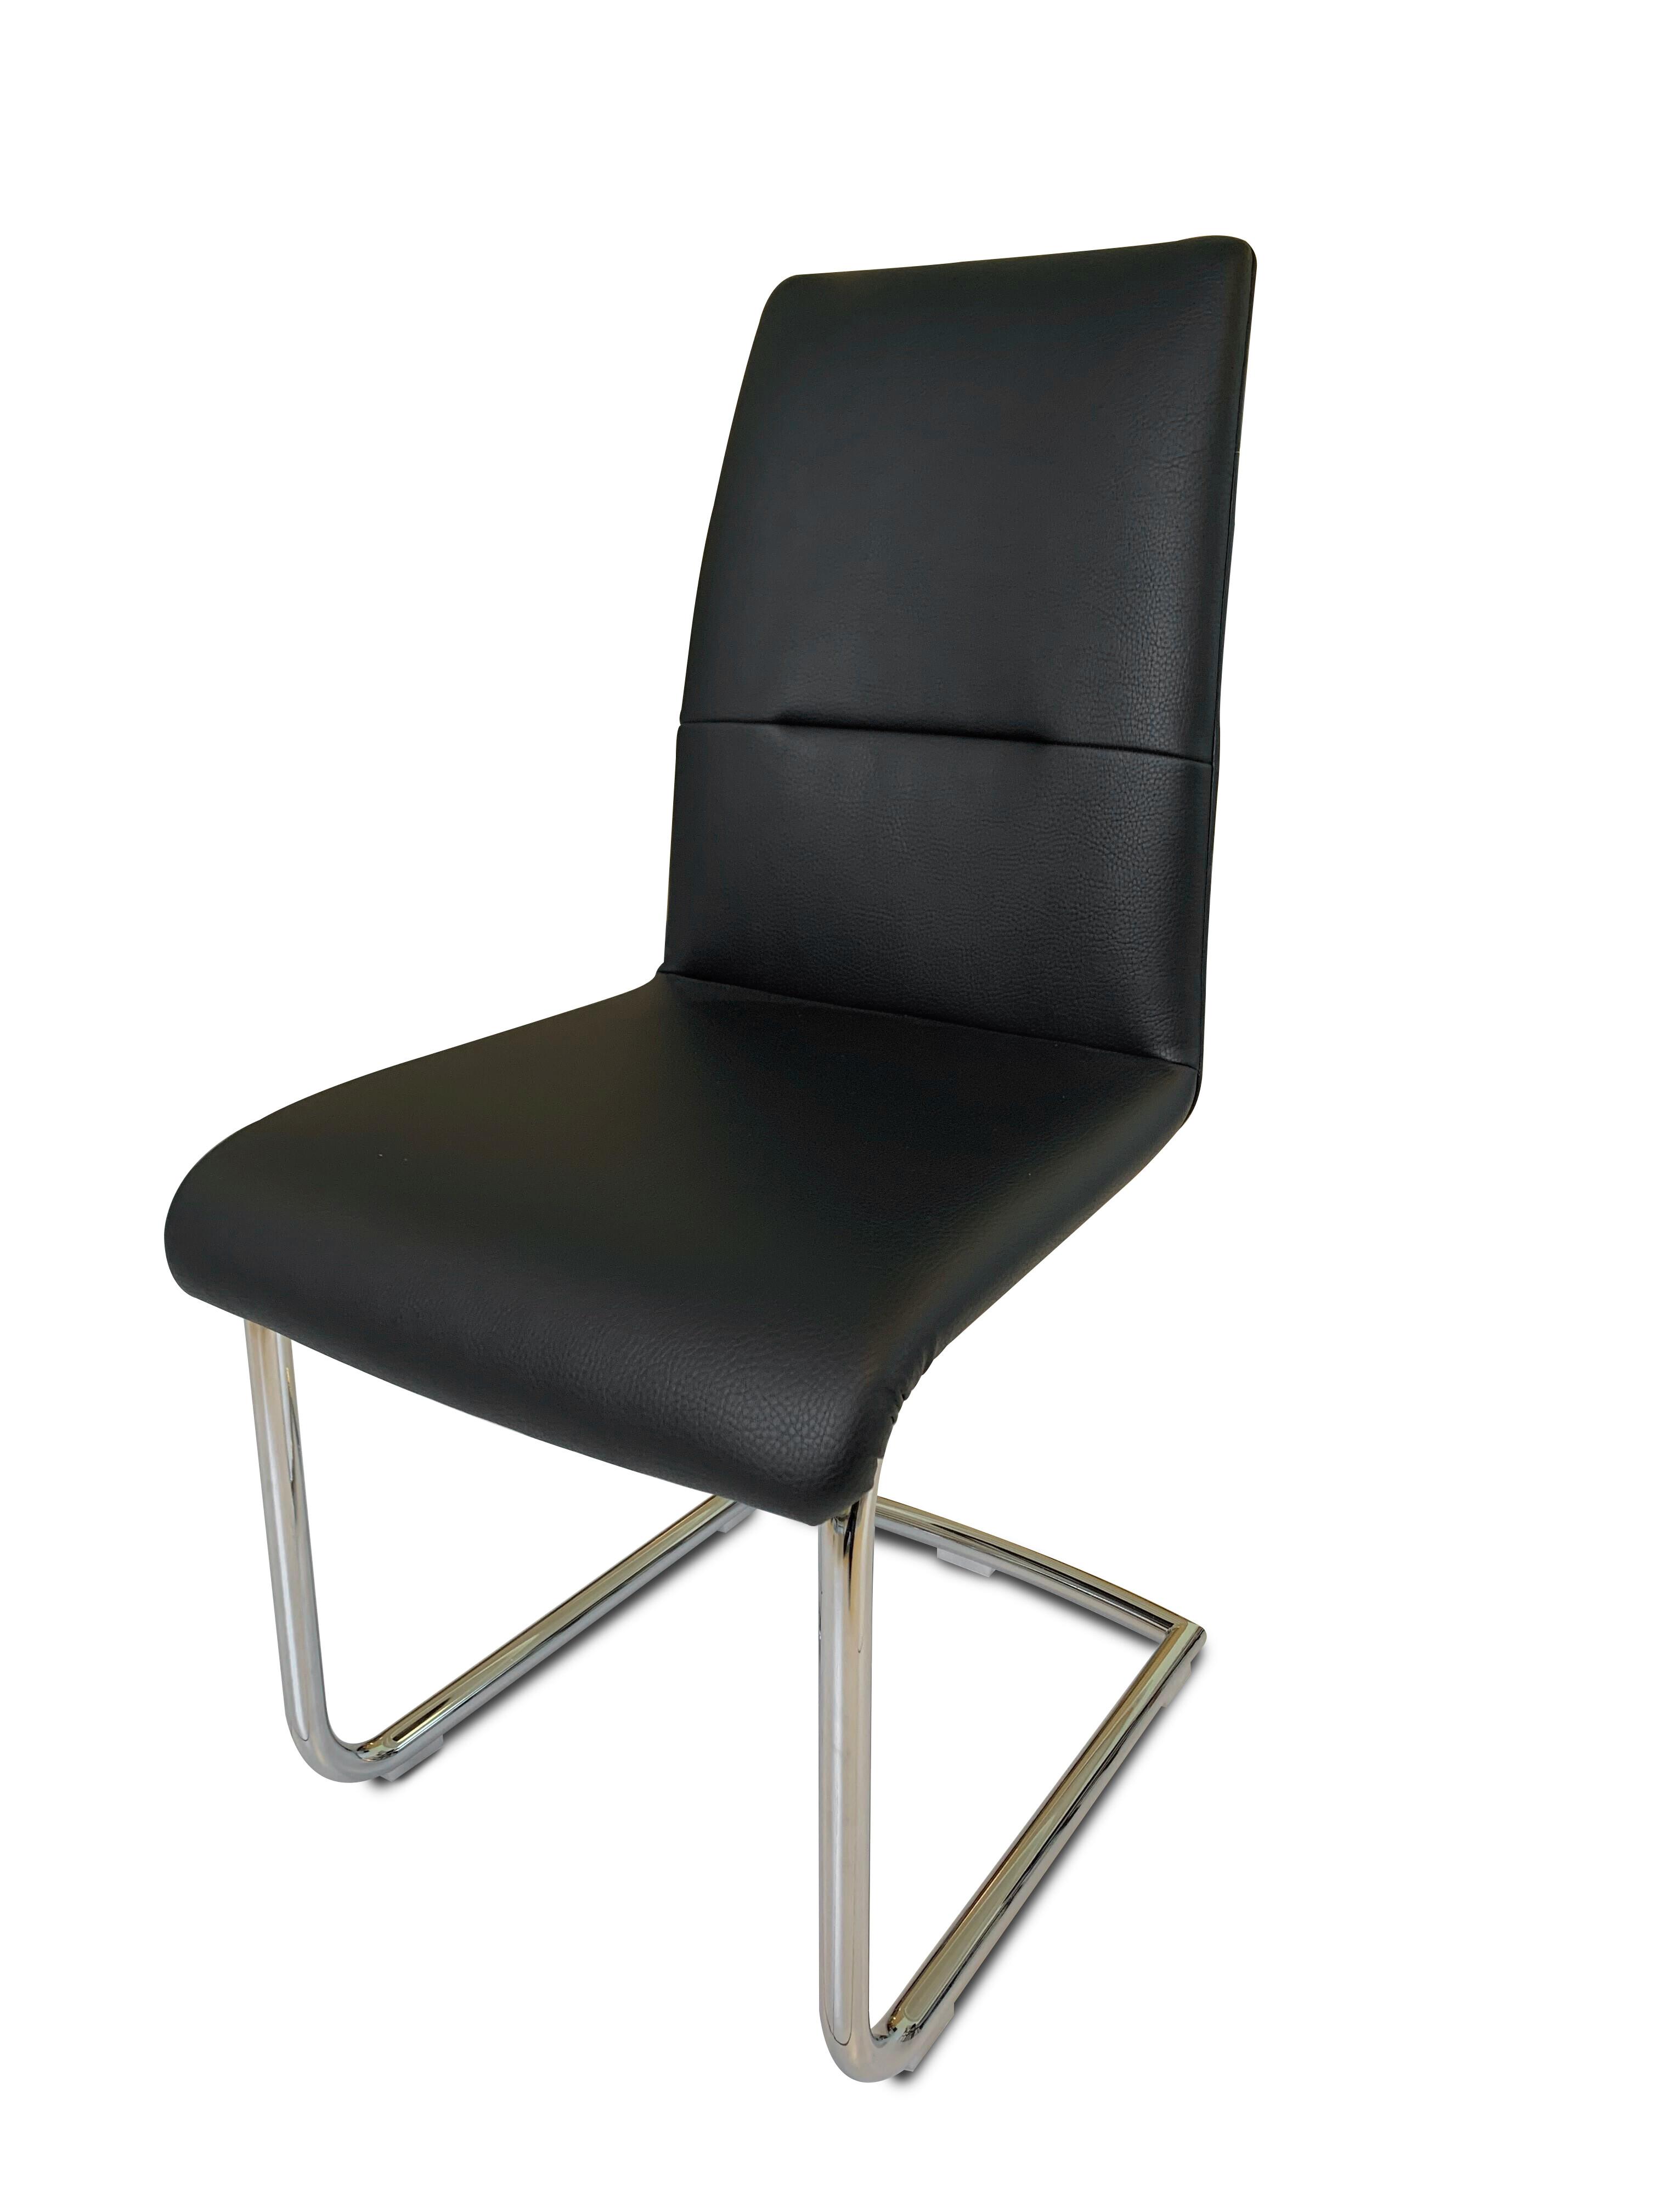 Stühle Locarno von sitzplatz (6 STK) 05